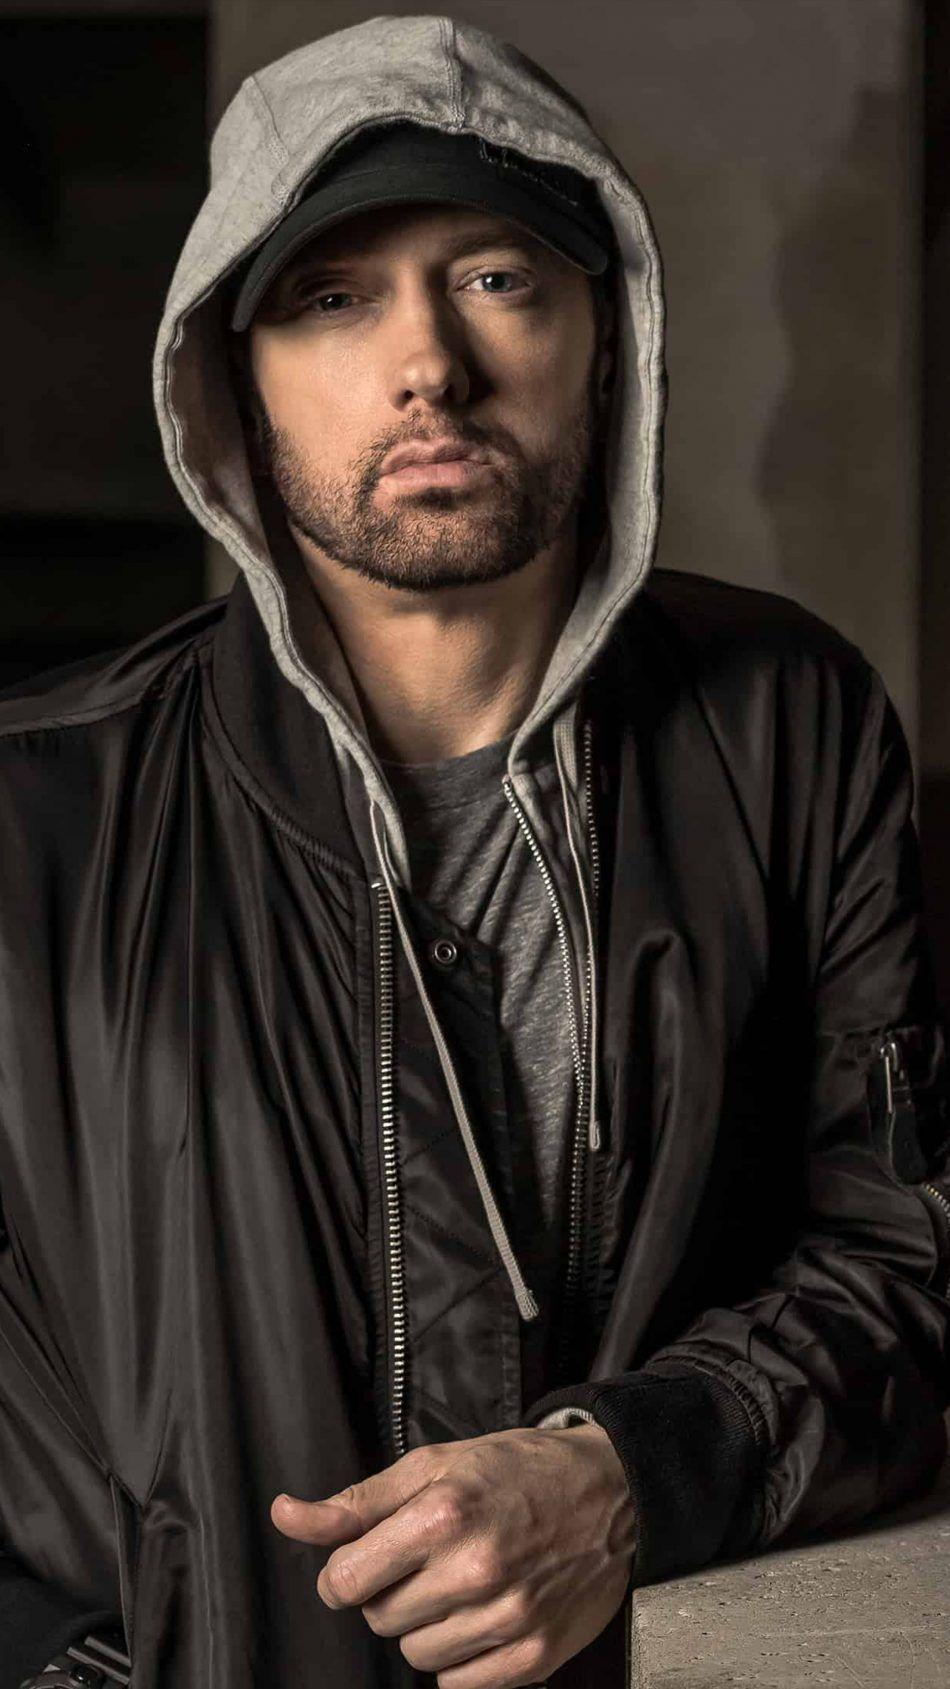 Eminem 2018 4k Ultra Hd Mobile Wallpaper Eminem Wallpapers Eminem Rap Eminem